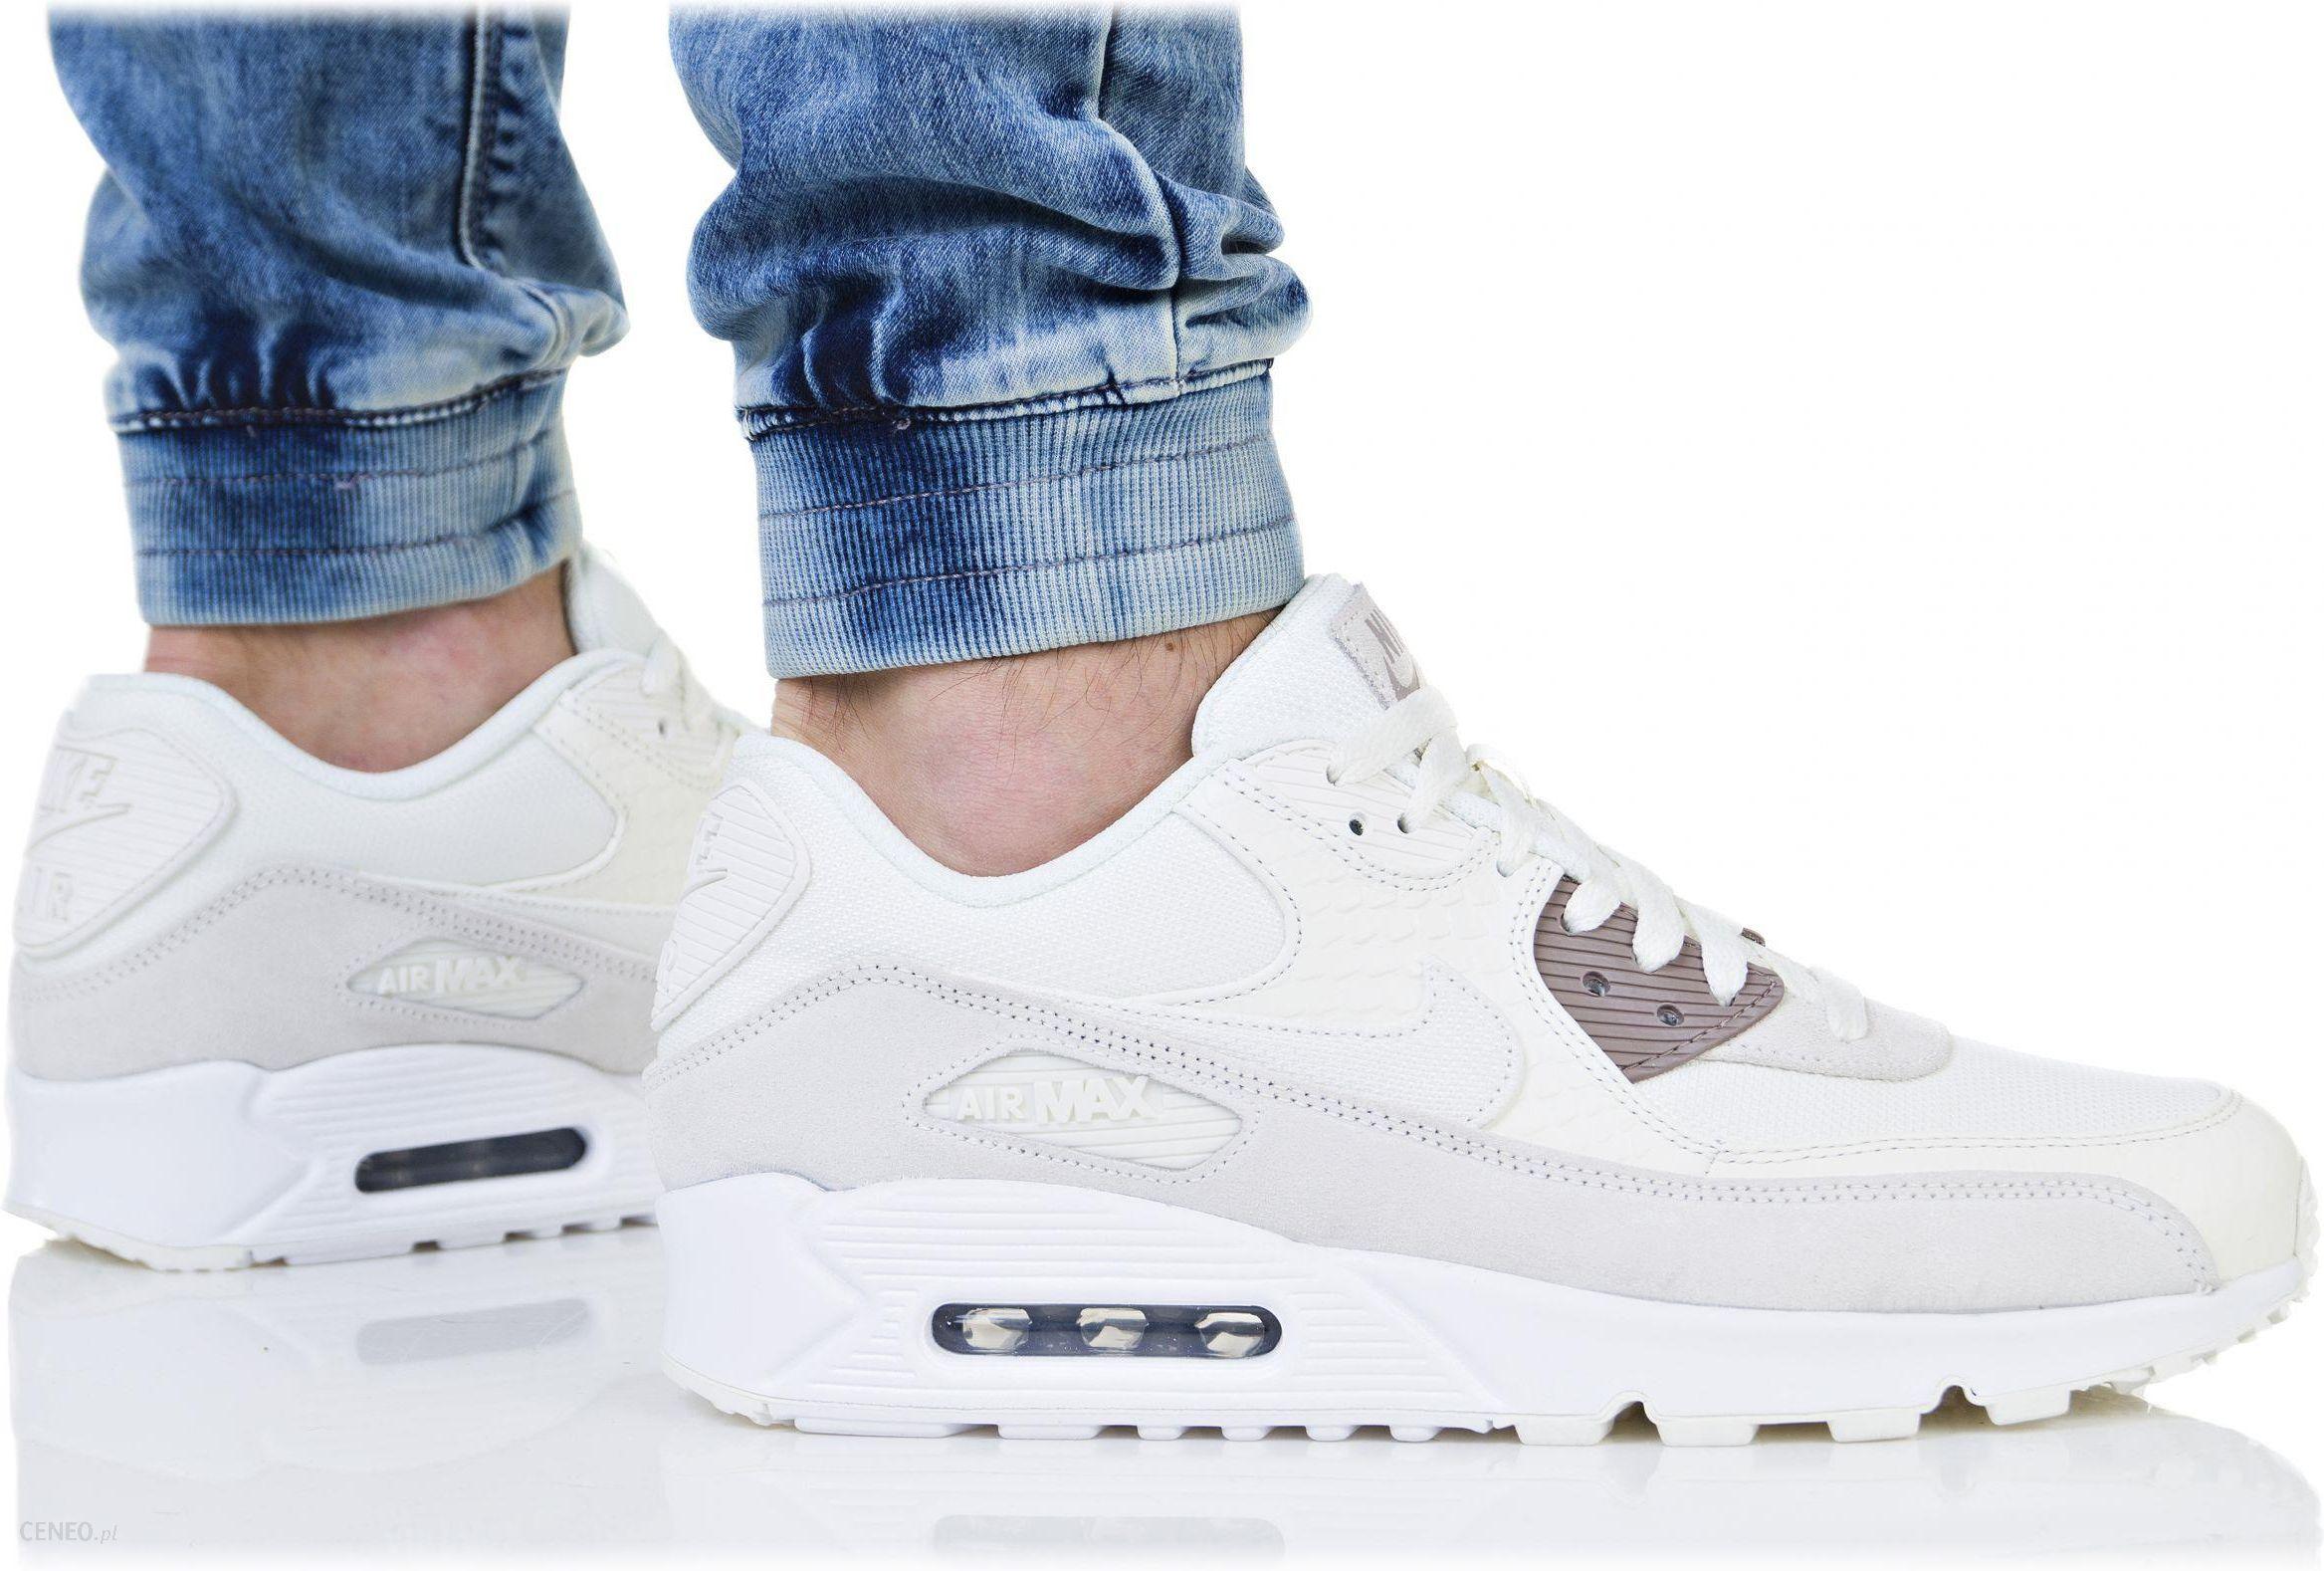 Buty męskie sneakersy Nike Air Max 90 Premium 700155 102